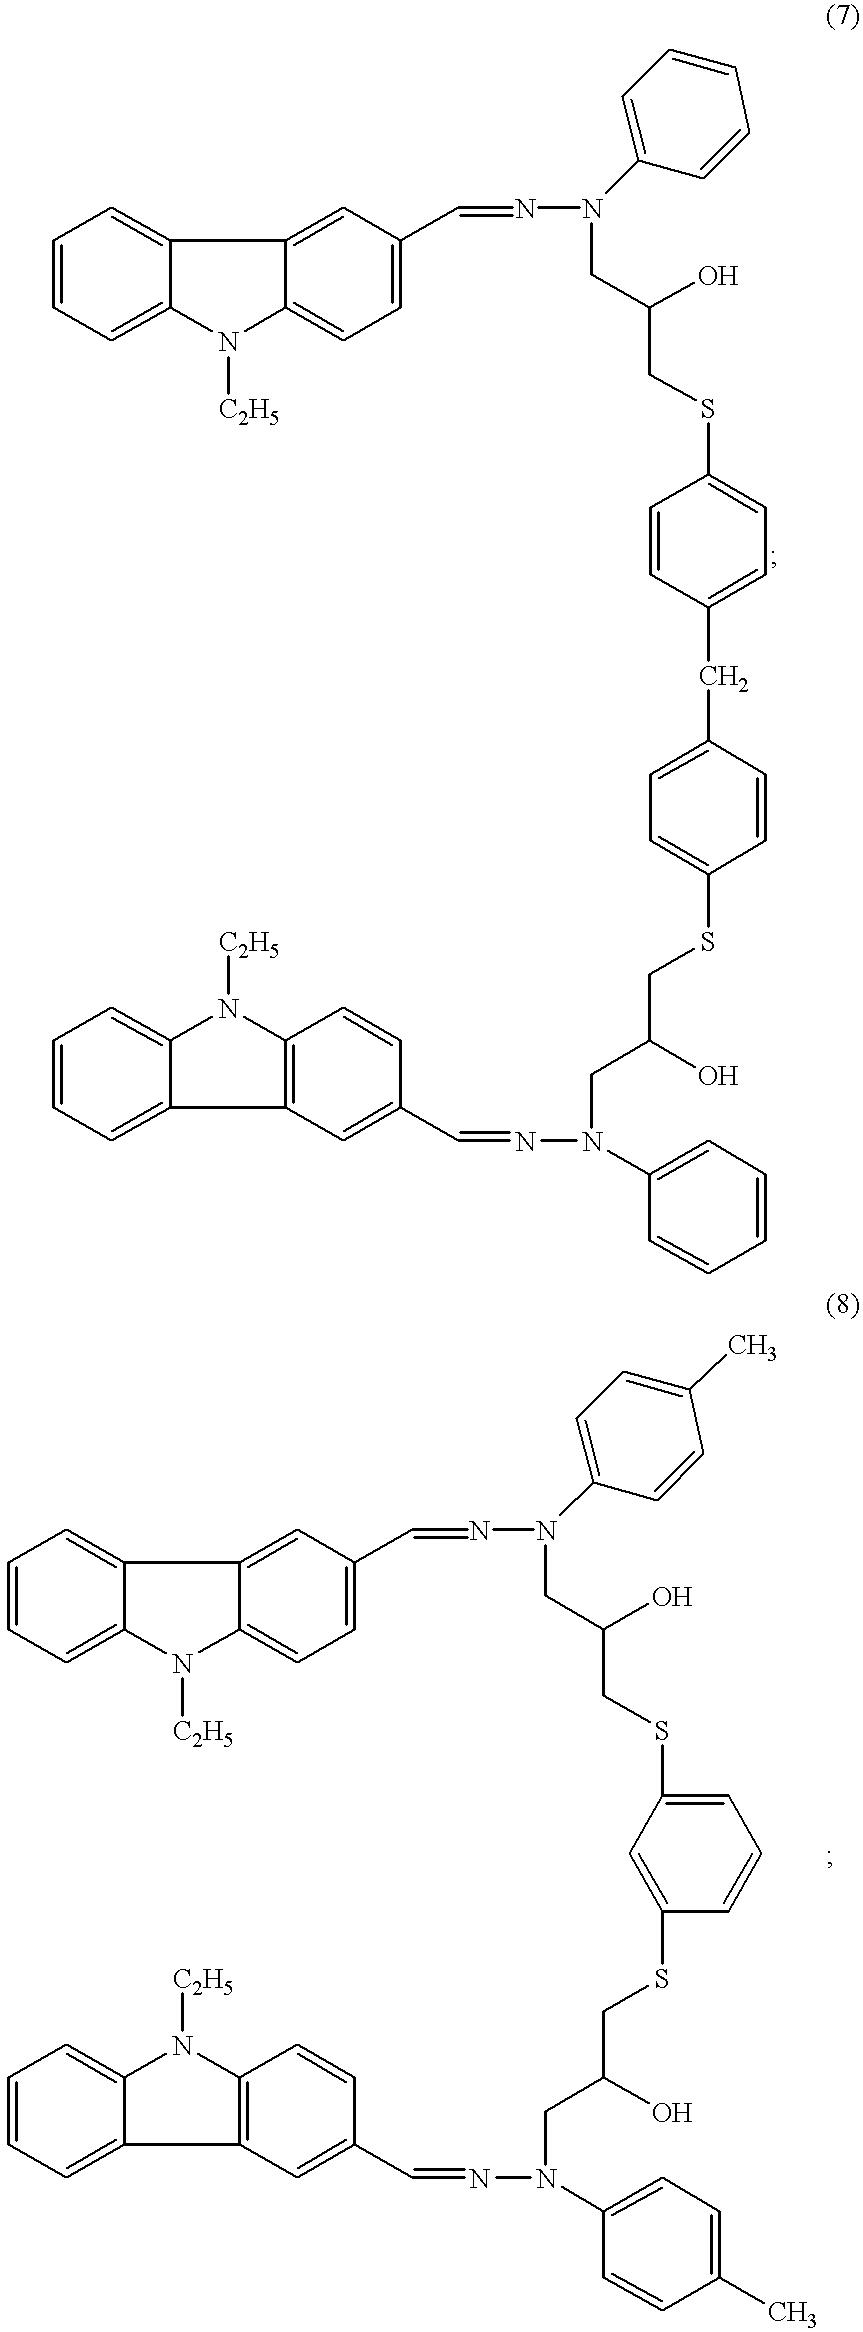 Figure US06214503-20010410-C00019